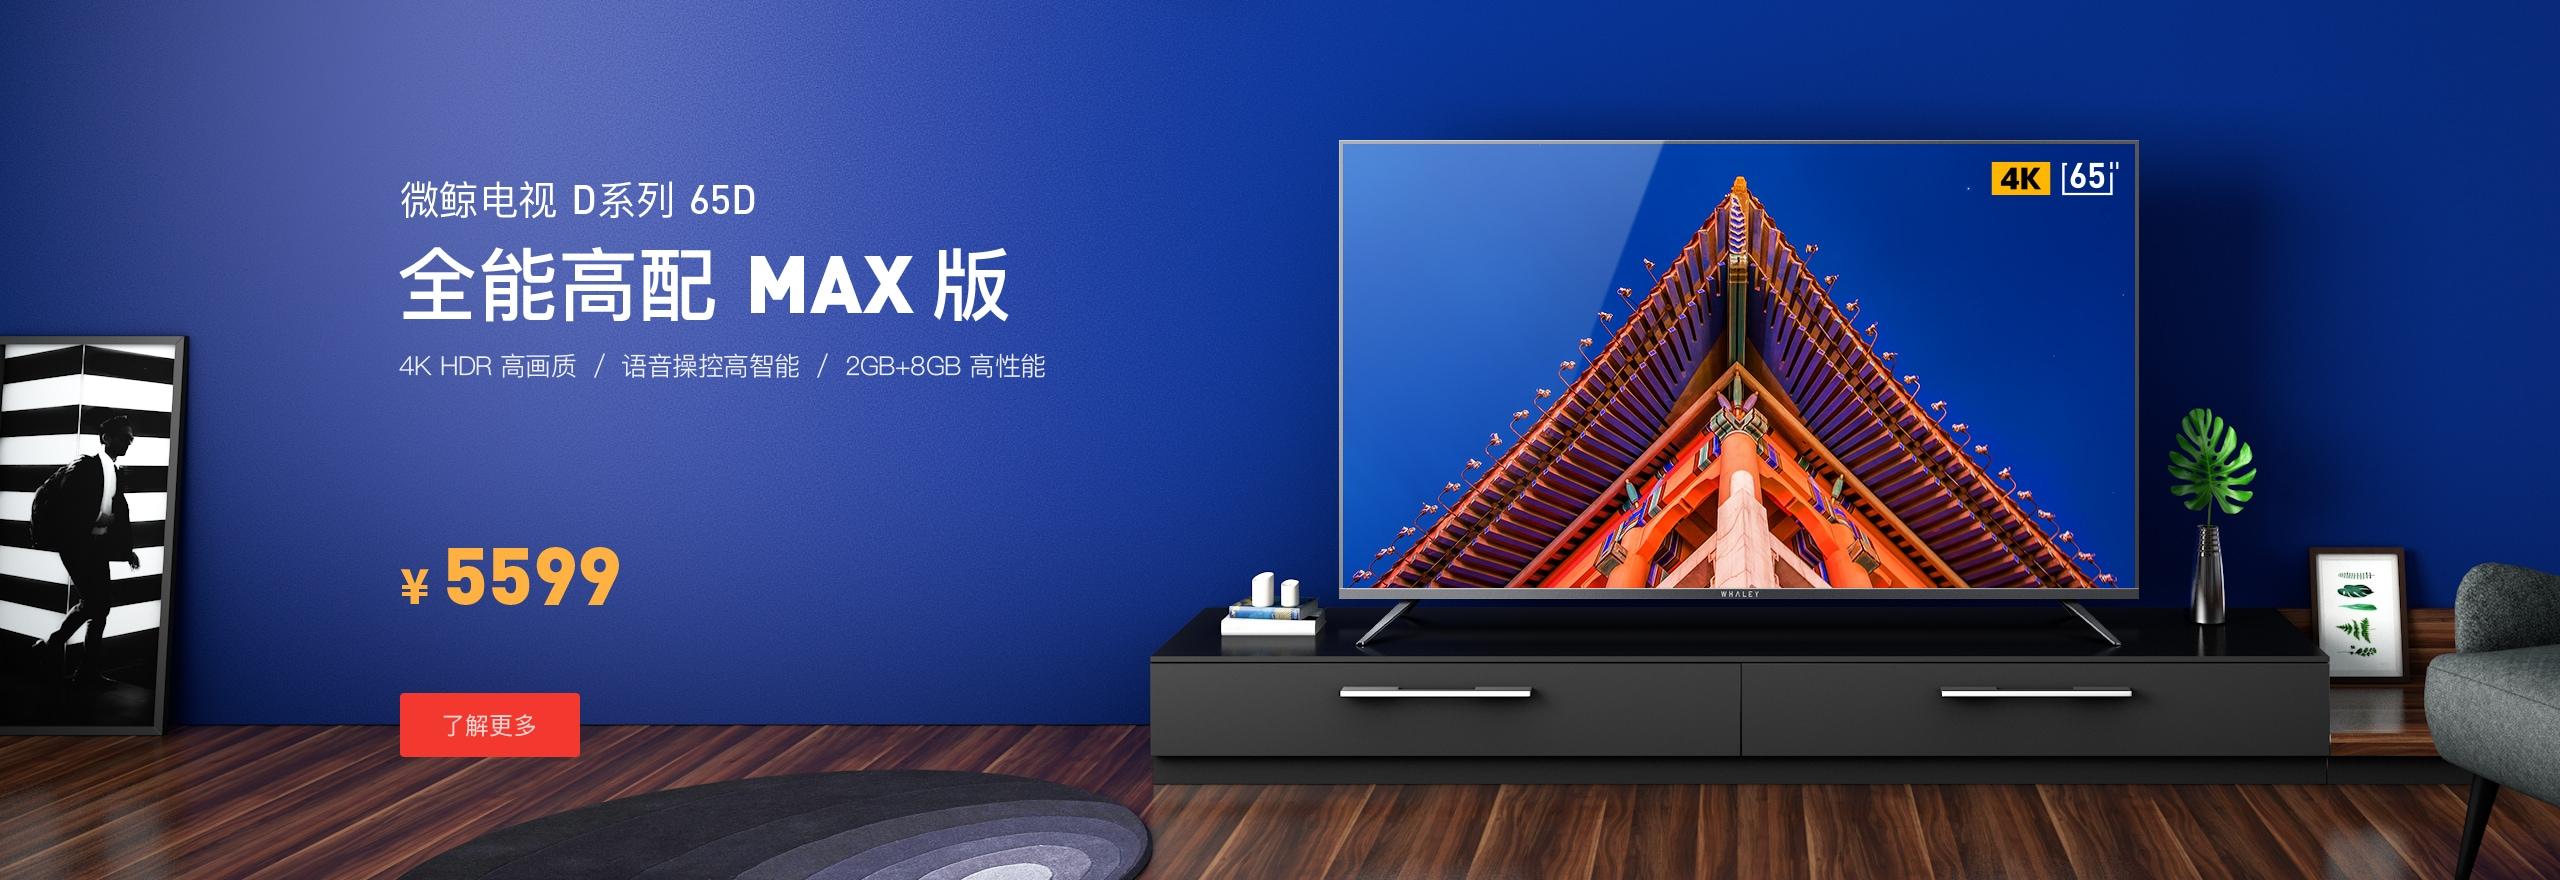 微鲸电视D系列65英寸4K